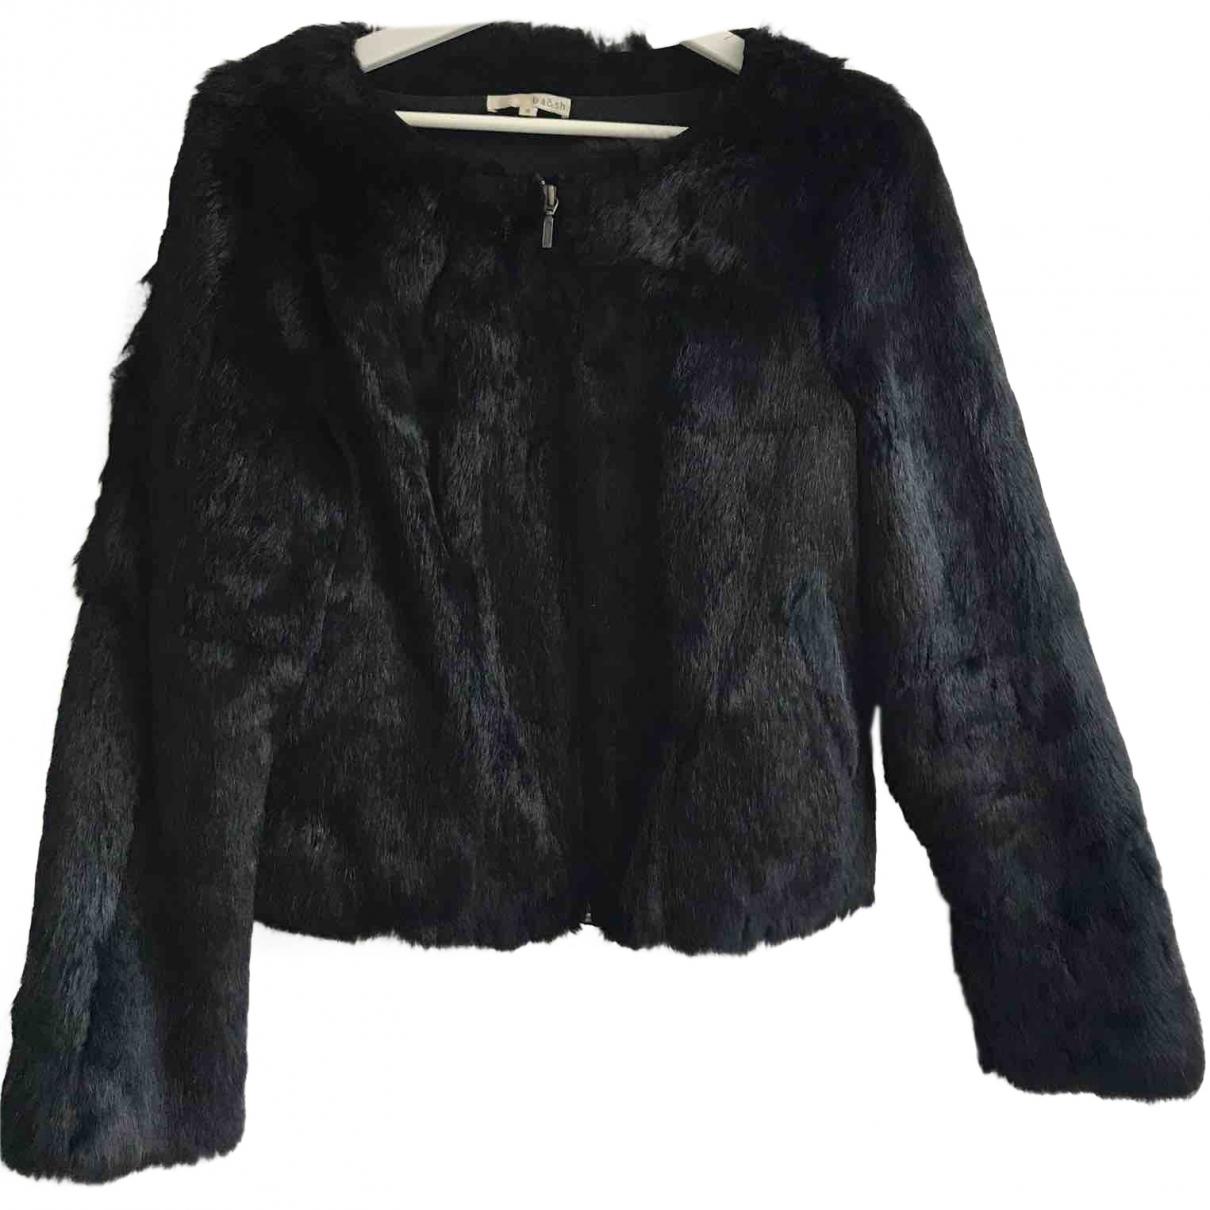 Ba&sh \N Black Rabbit coat for Women 38 FR